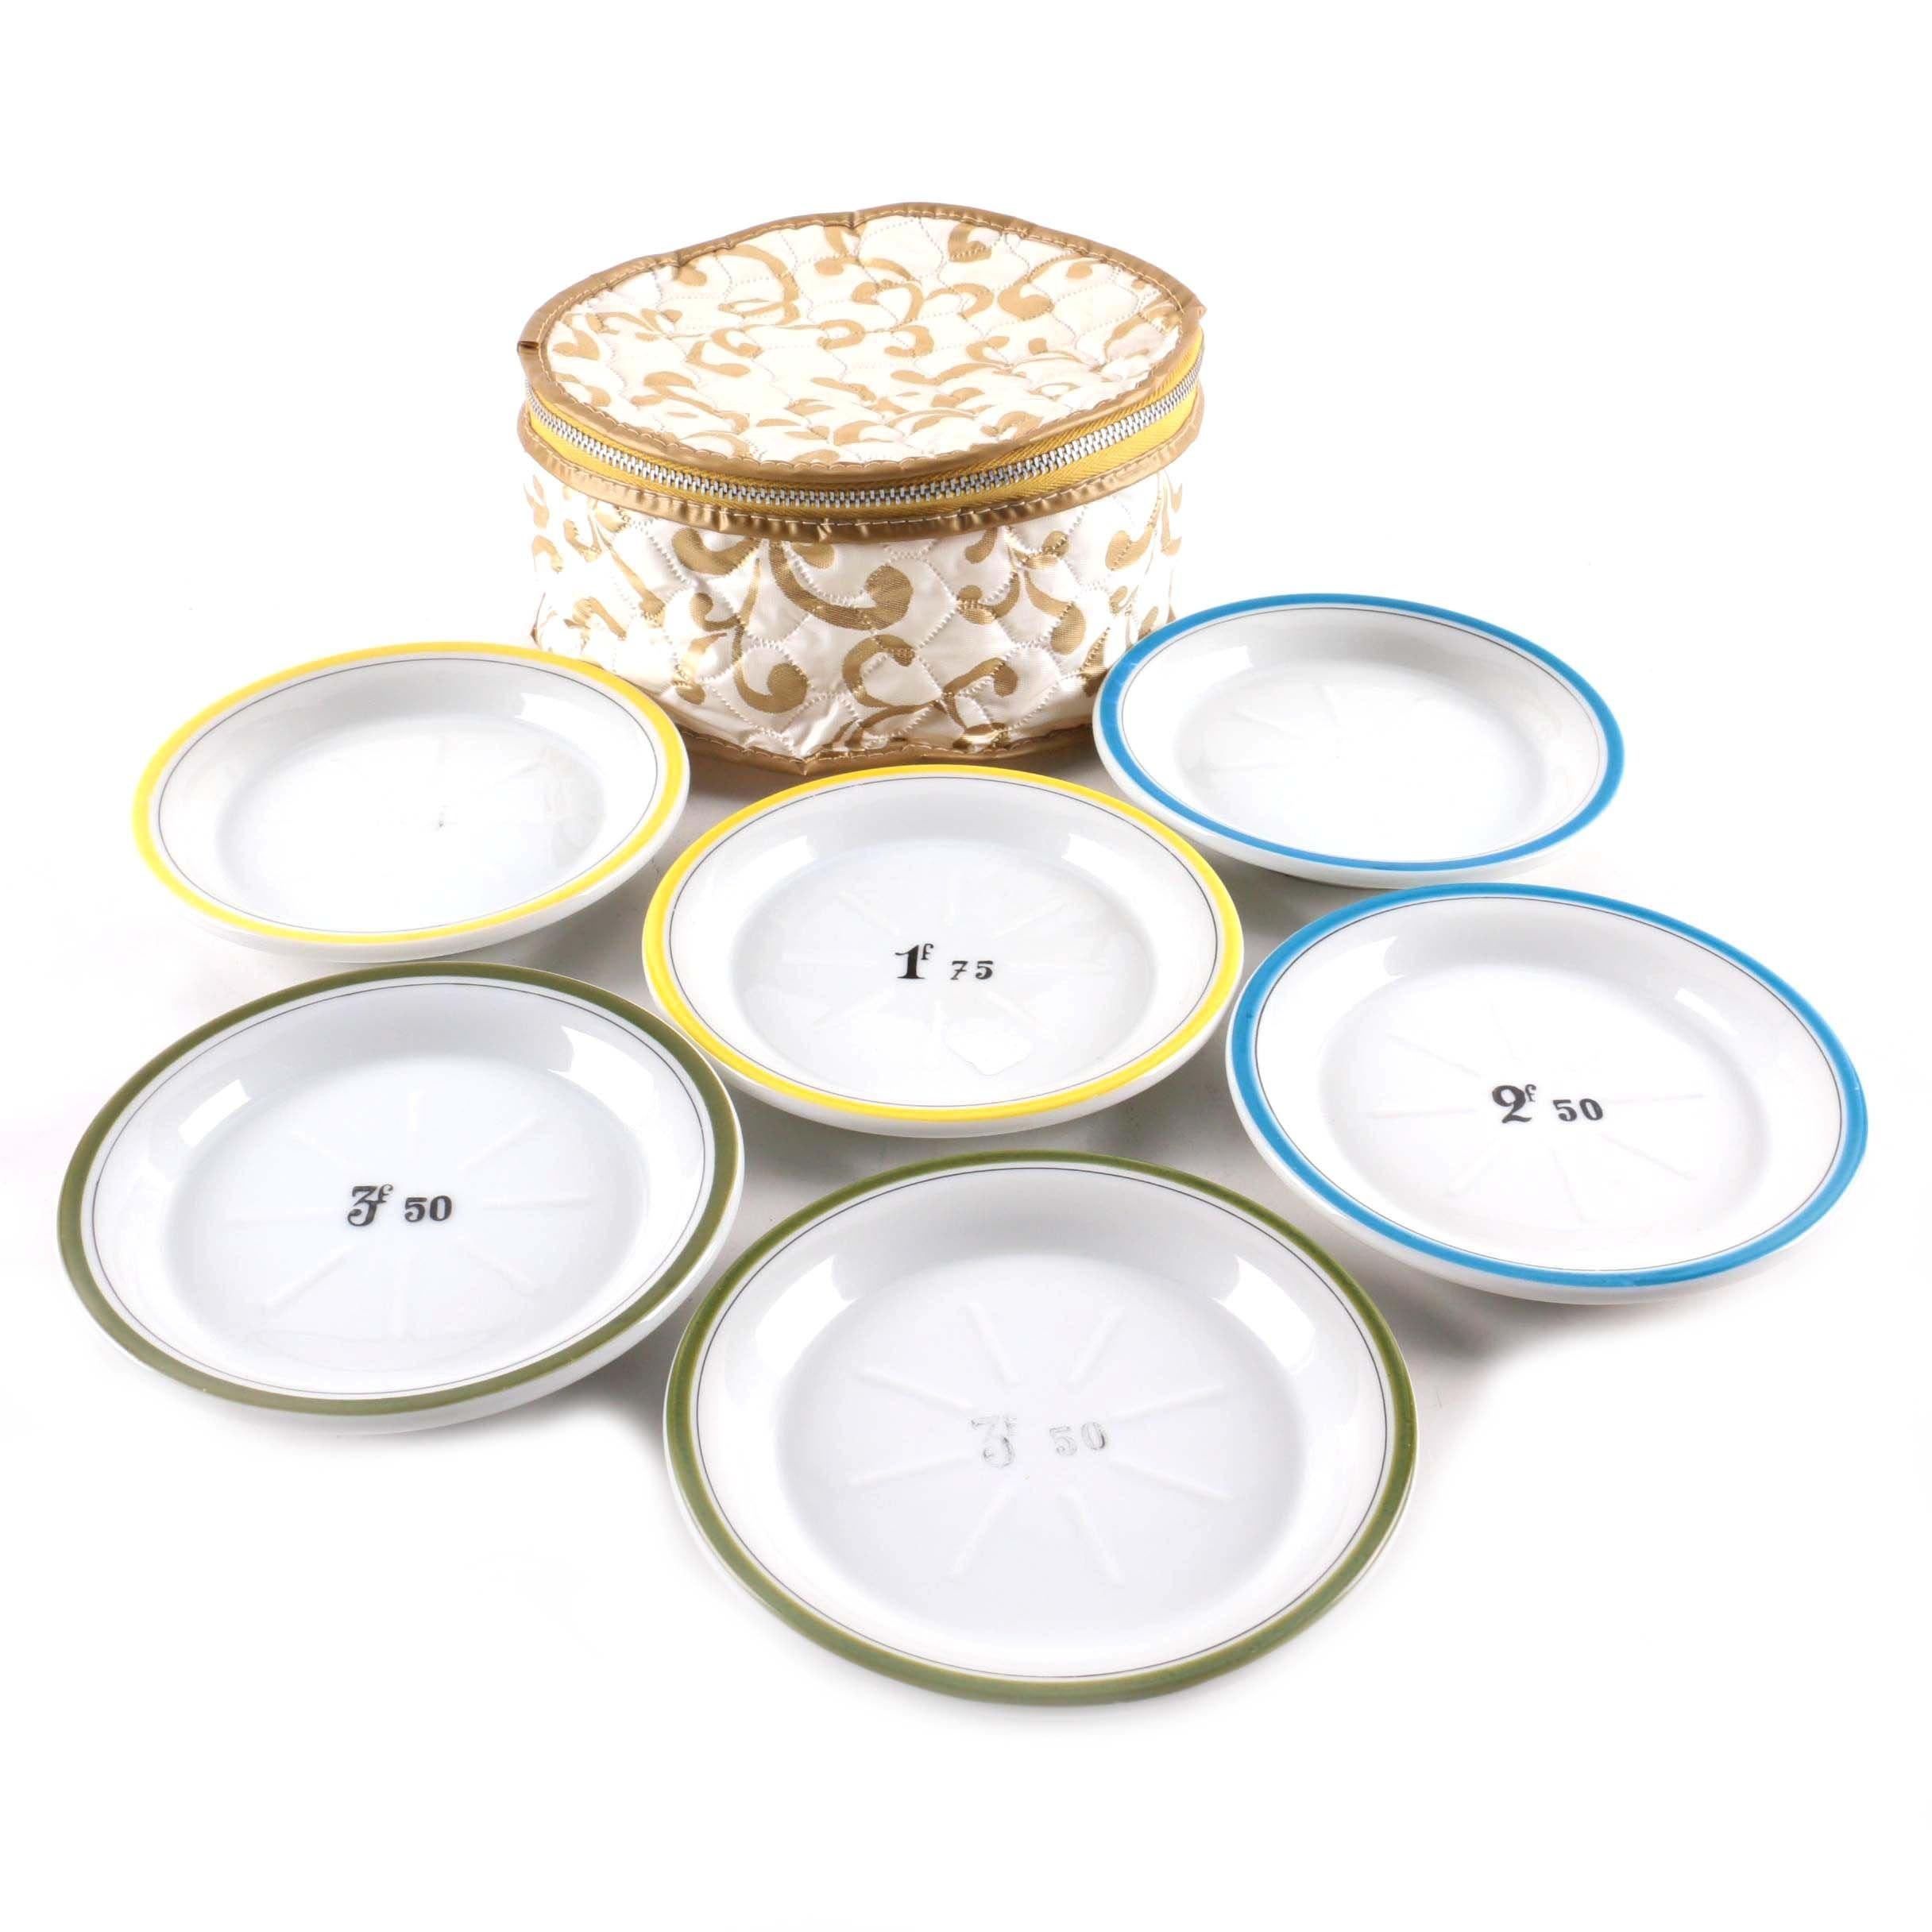 Porcelain Bread Plates